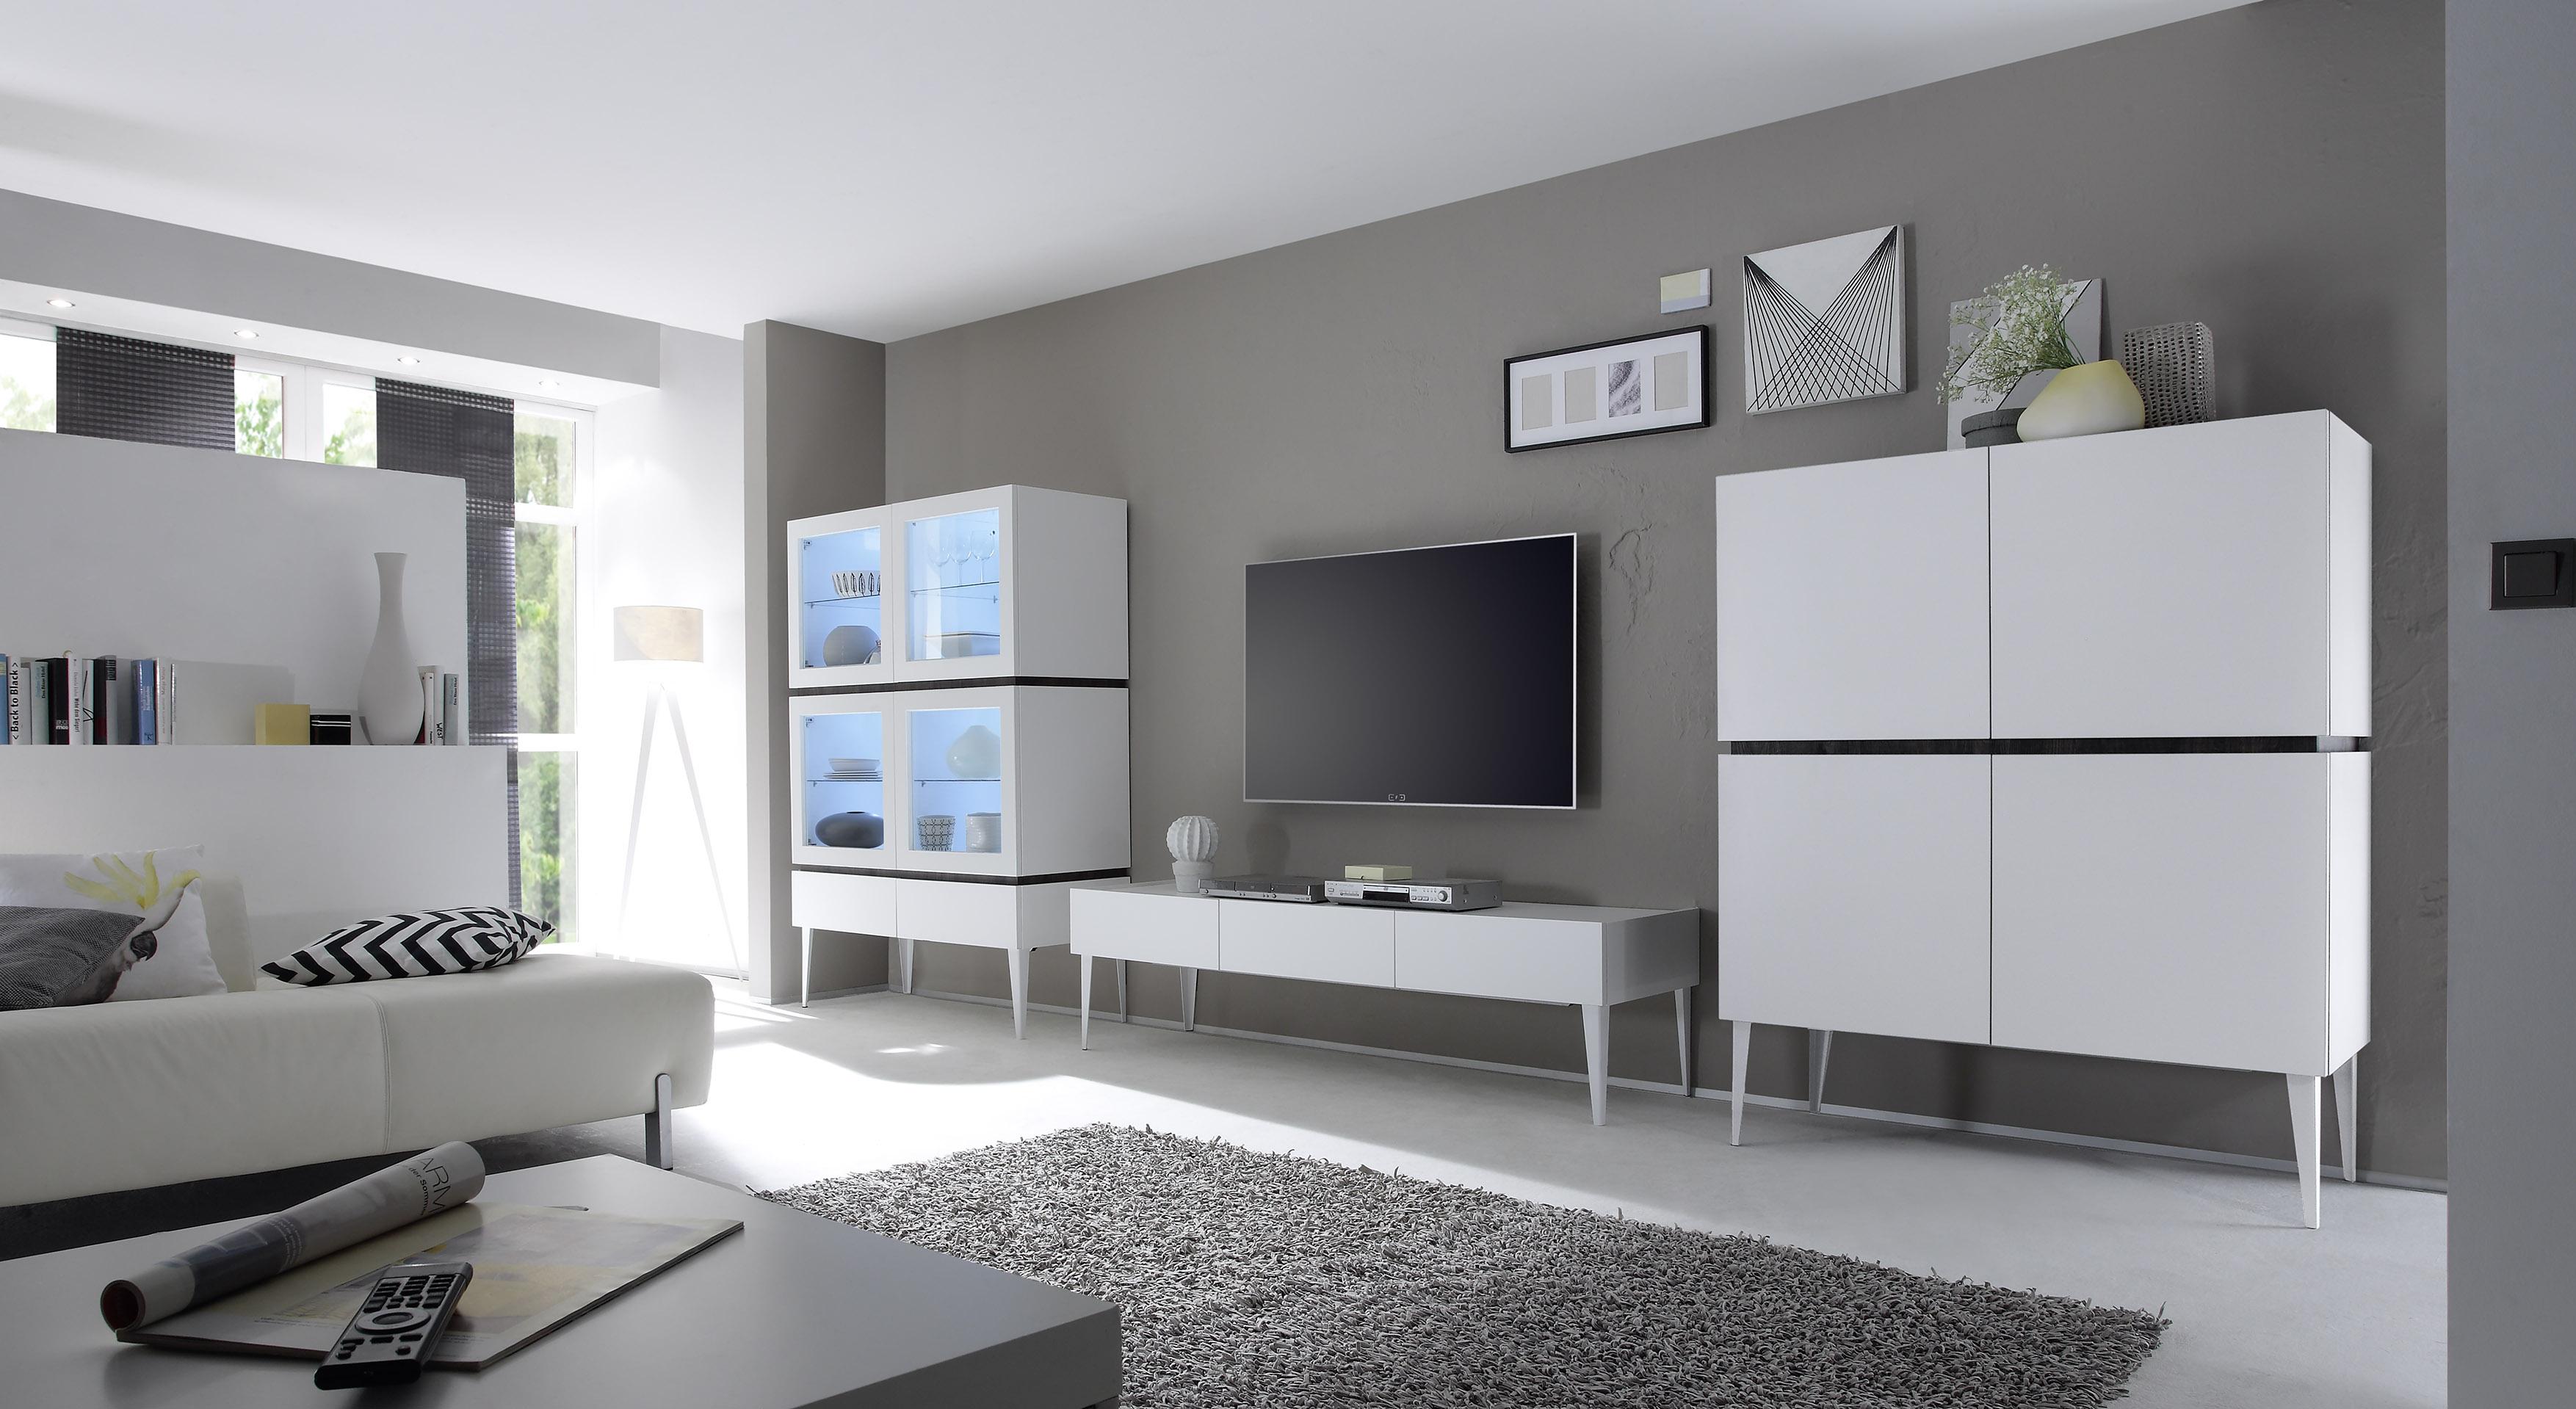 Best Haben Die Wahl With Sideboard Wohnzimmer